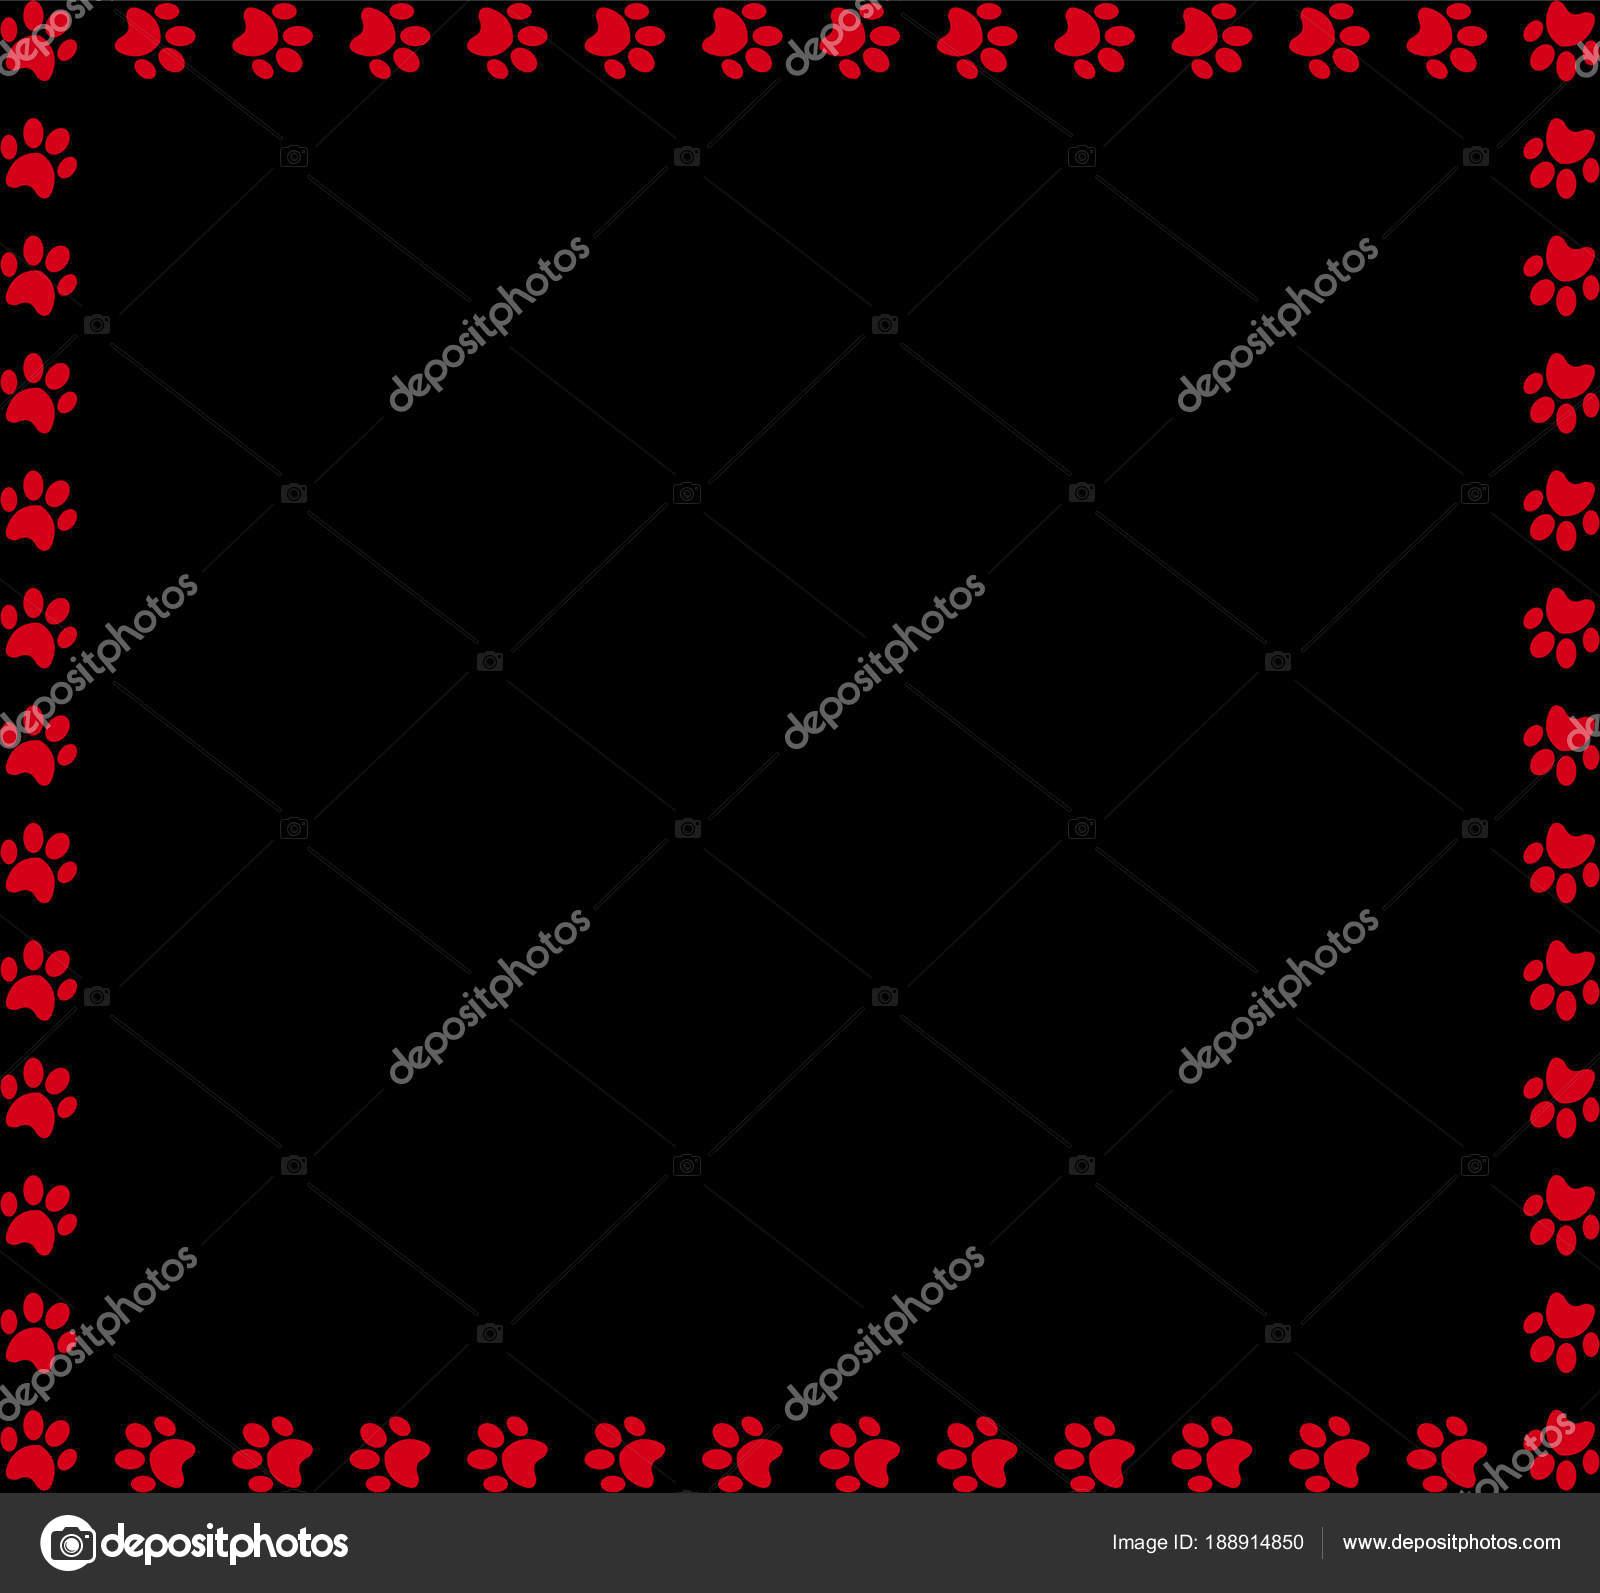 Quadratisches Format gemacht der roten tierischen Pfotenabdrücke auf ...